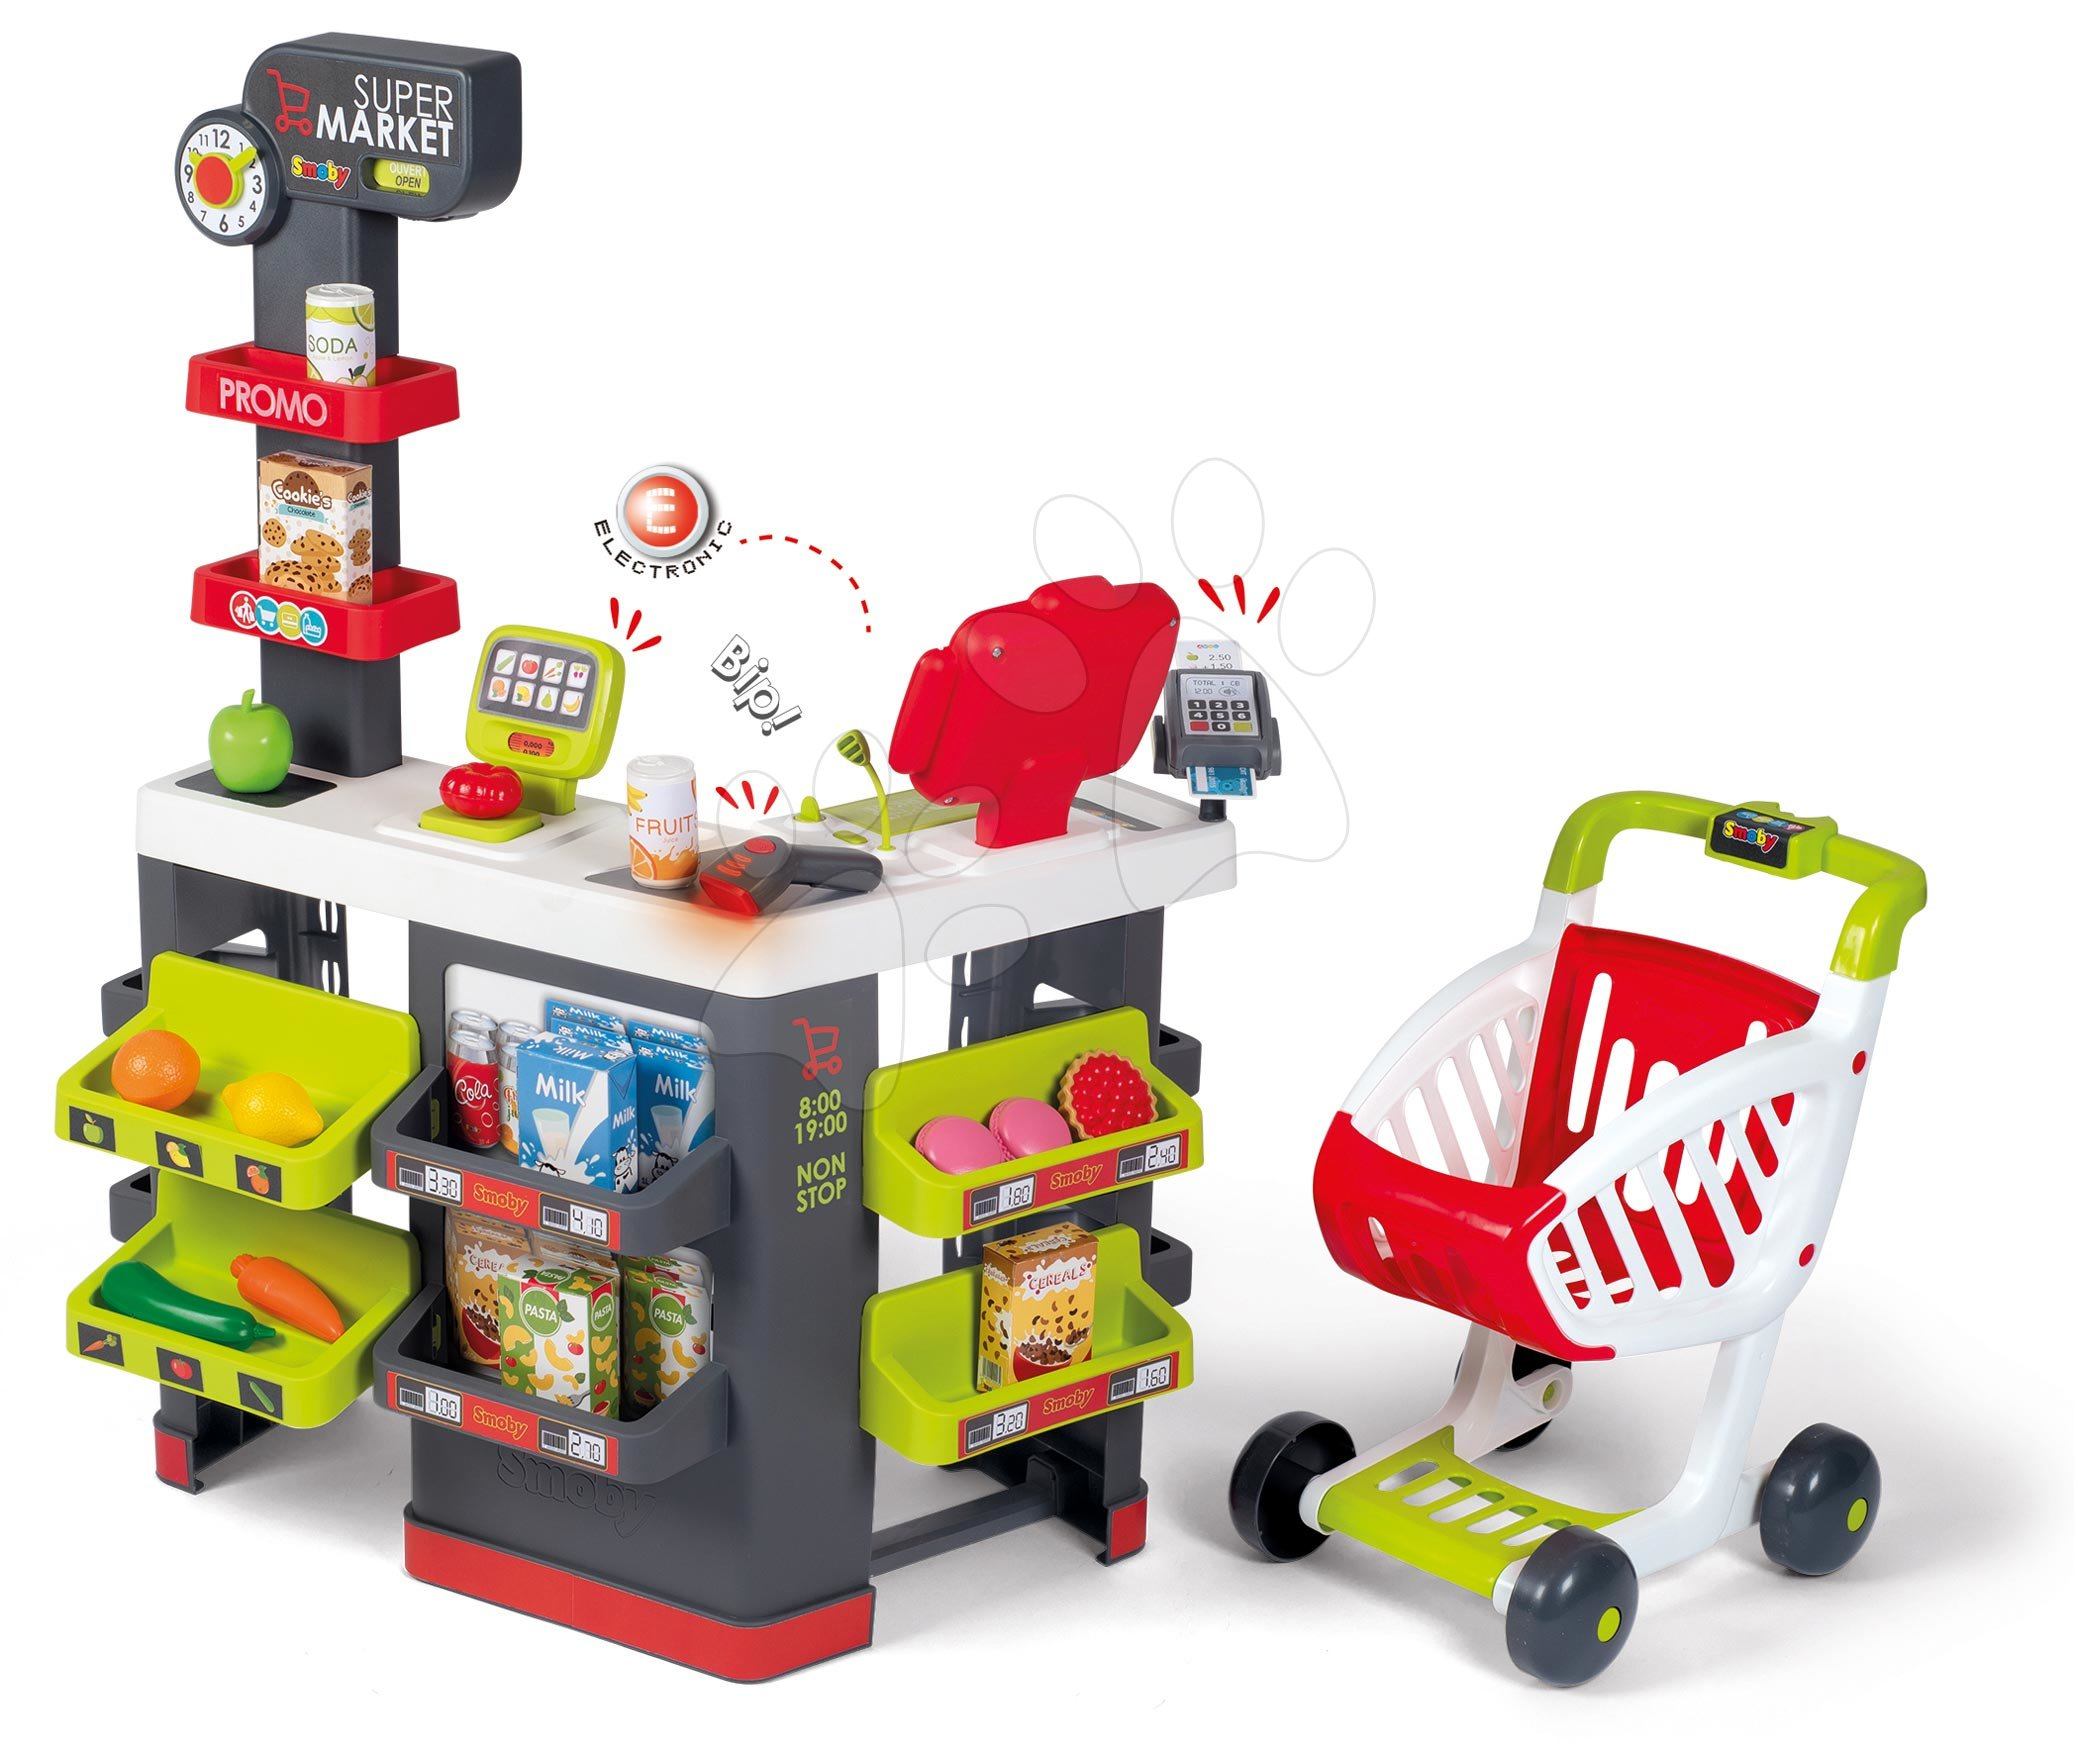 Obchod s vozíkem a potravinami Supermarket Smoby s elektronickou pokladnou a skenerem váhou a 42 doplňků